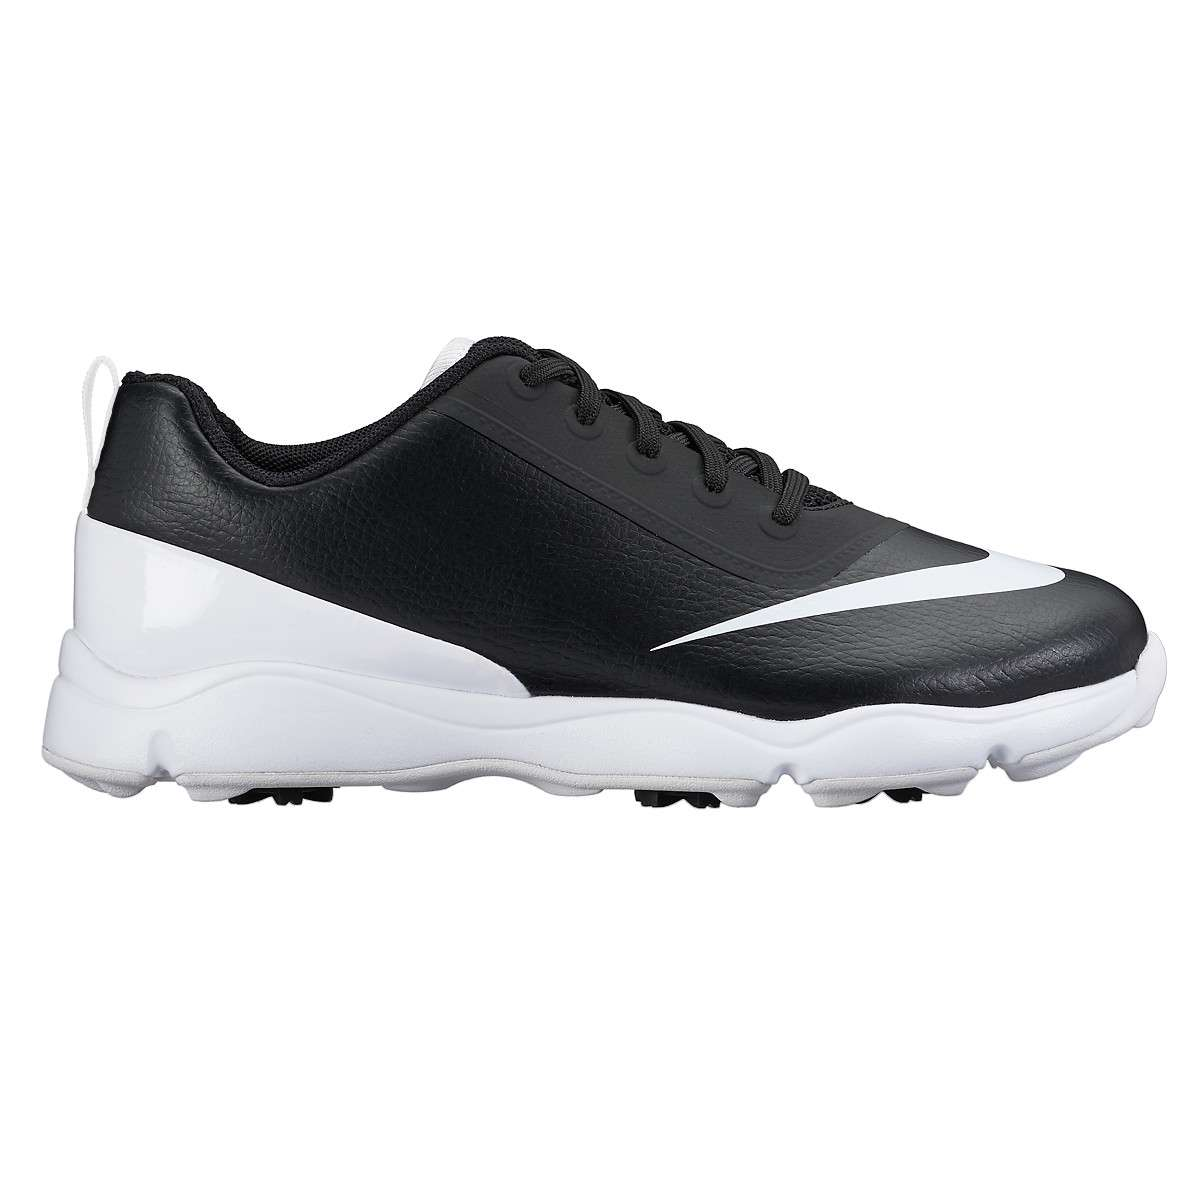 Nike Control Junior Kinder Golfschuhe, Schwarz / Weiß günstig kaufen |  Golflädchen